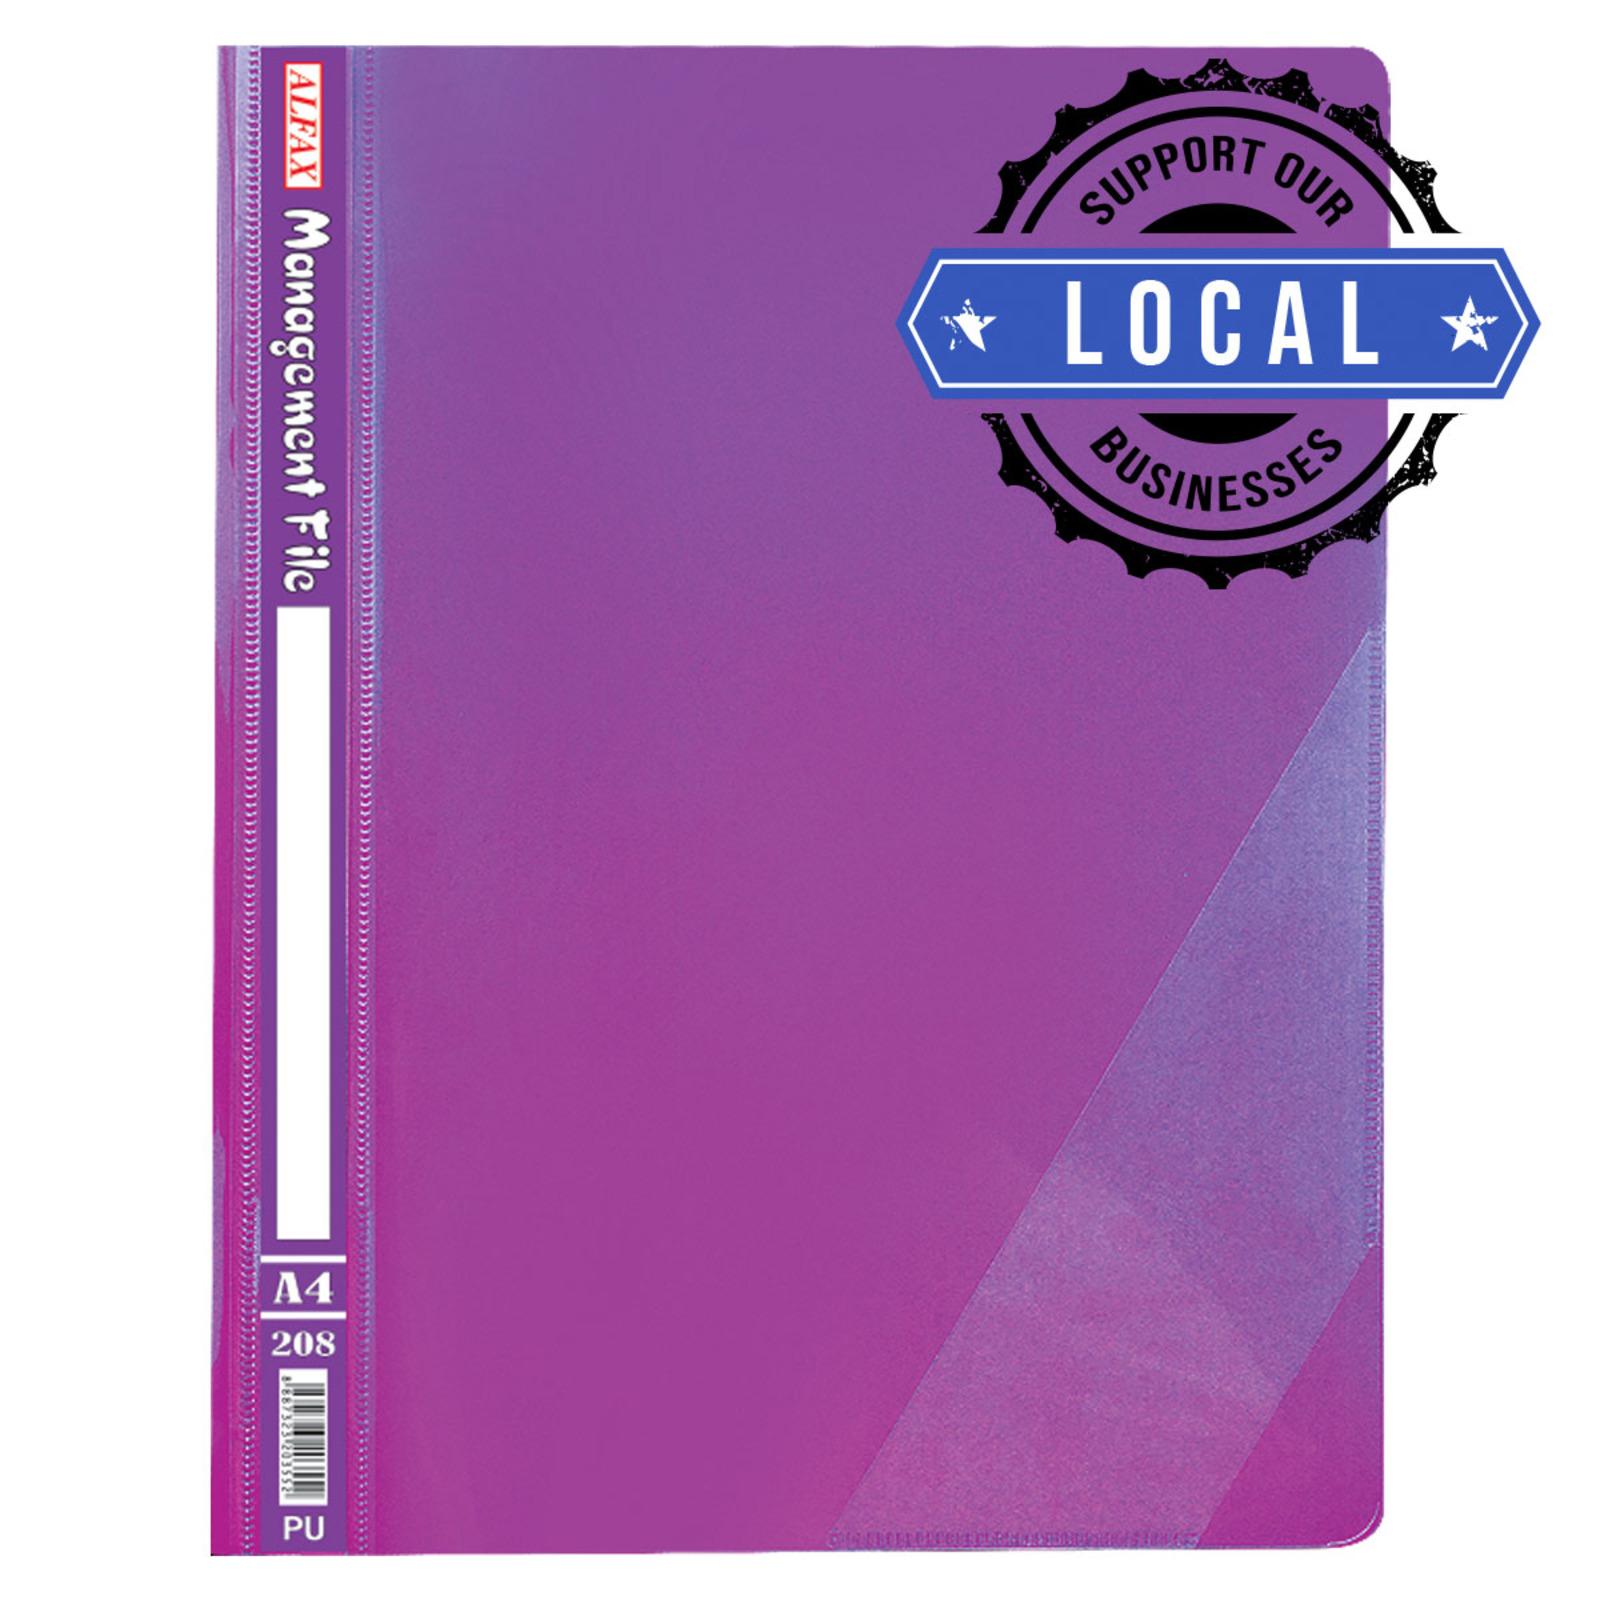 ALFAX 208 Management File A4 Purple